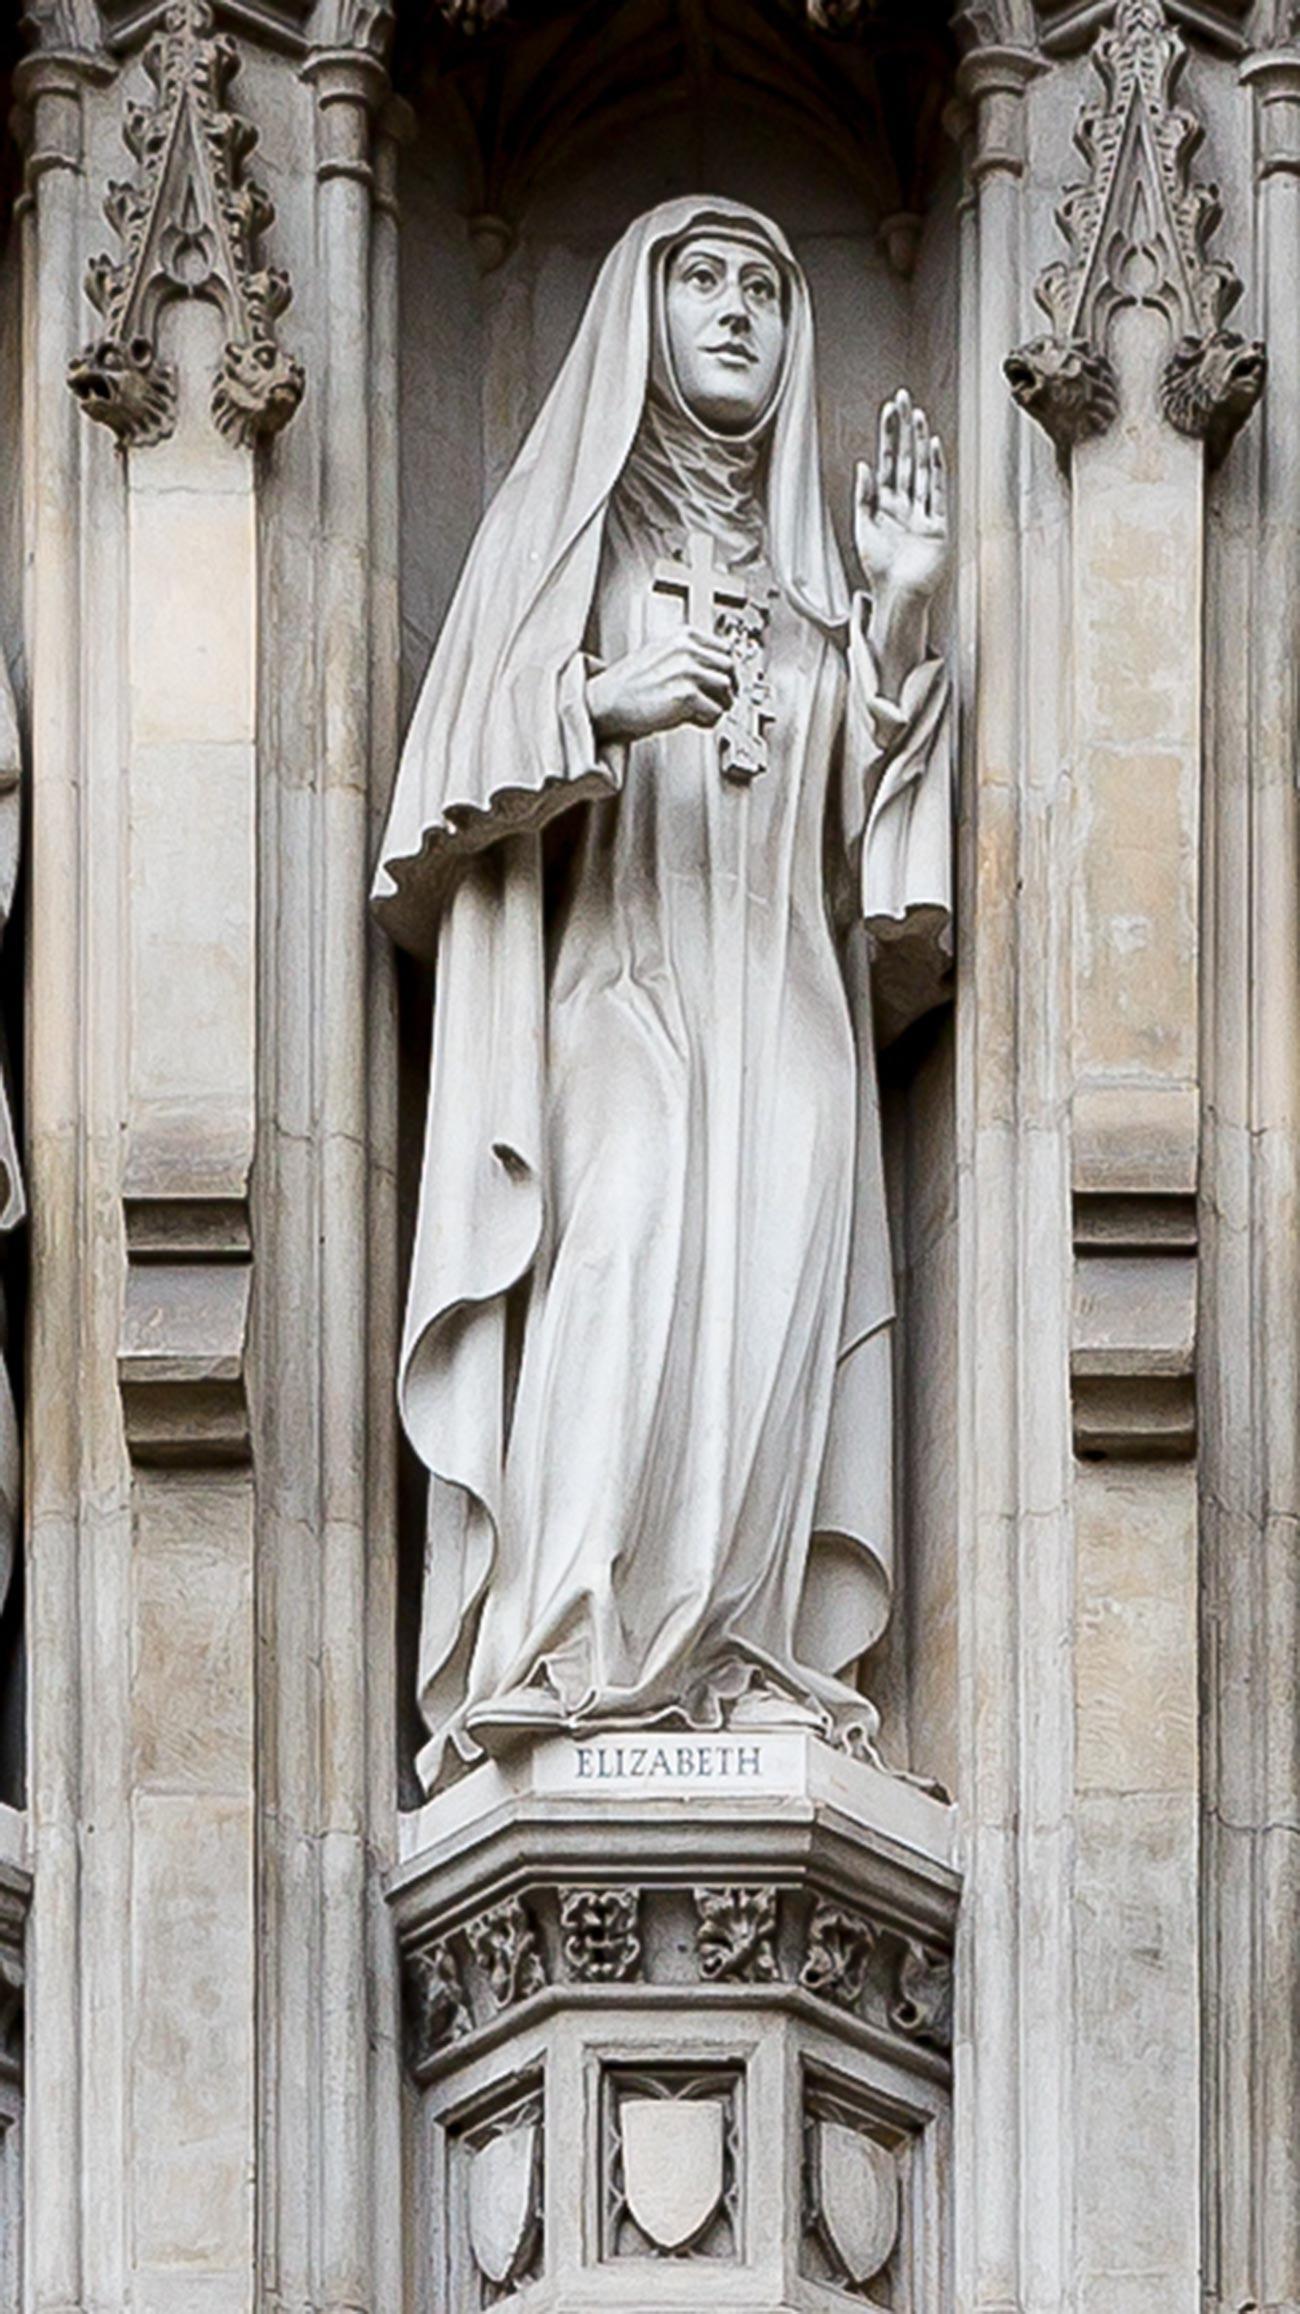 エリザヴェータ・フョードロヴナの彫像